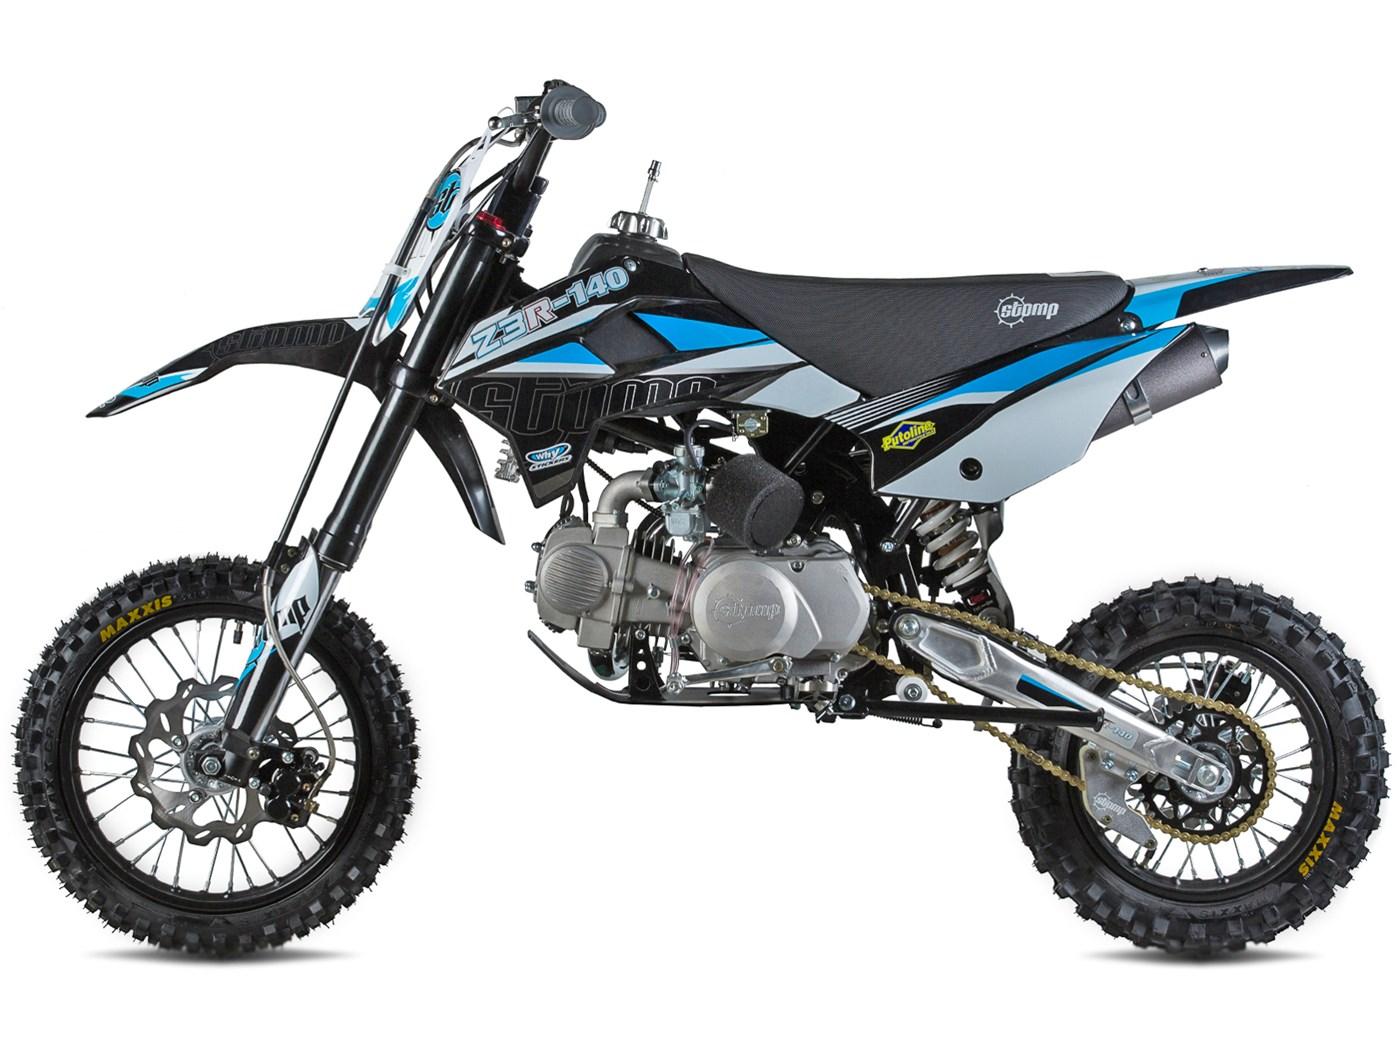 טוב מאוד stomp | מיני בייק | אופנוע לילדים, אופנועי STOMP KK-74